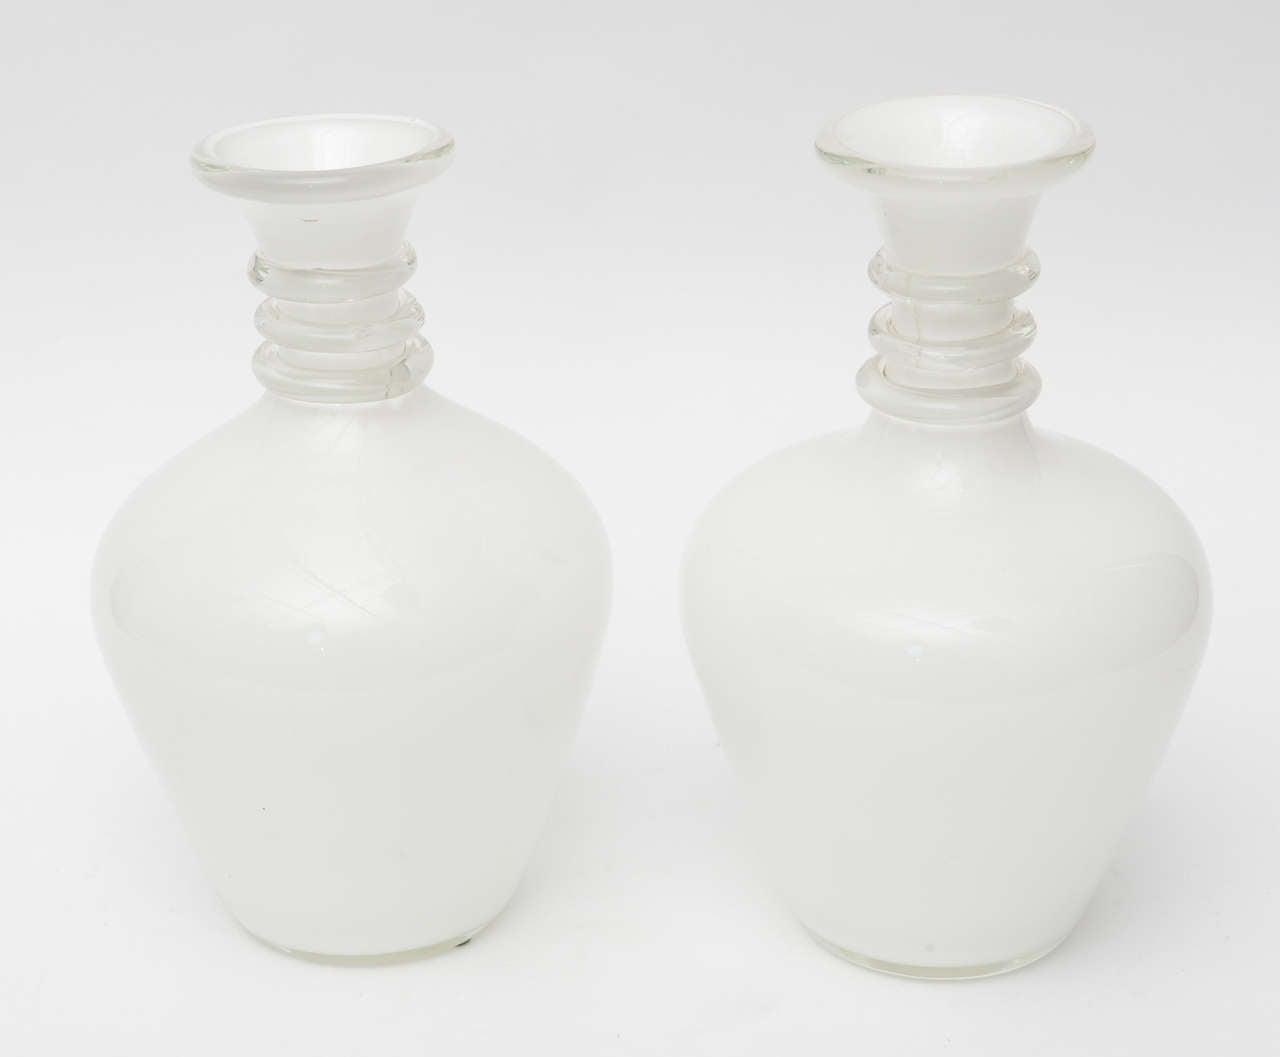 Fine Pair Italian Glass Decanters, Seguso, Murano For Sale 2